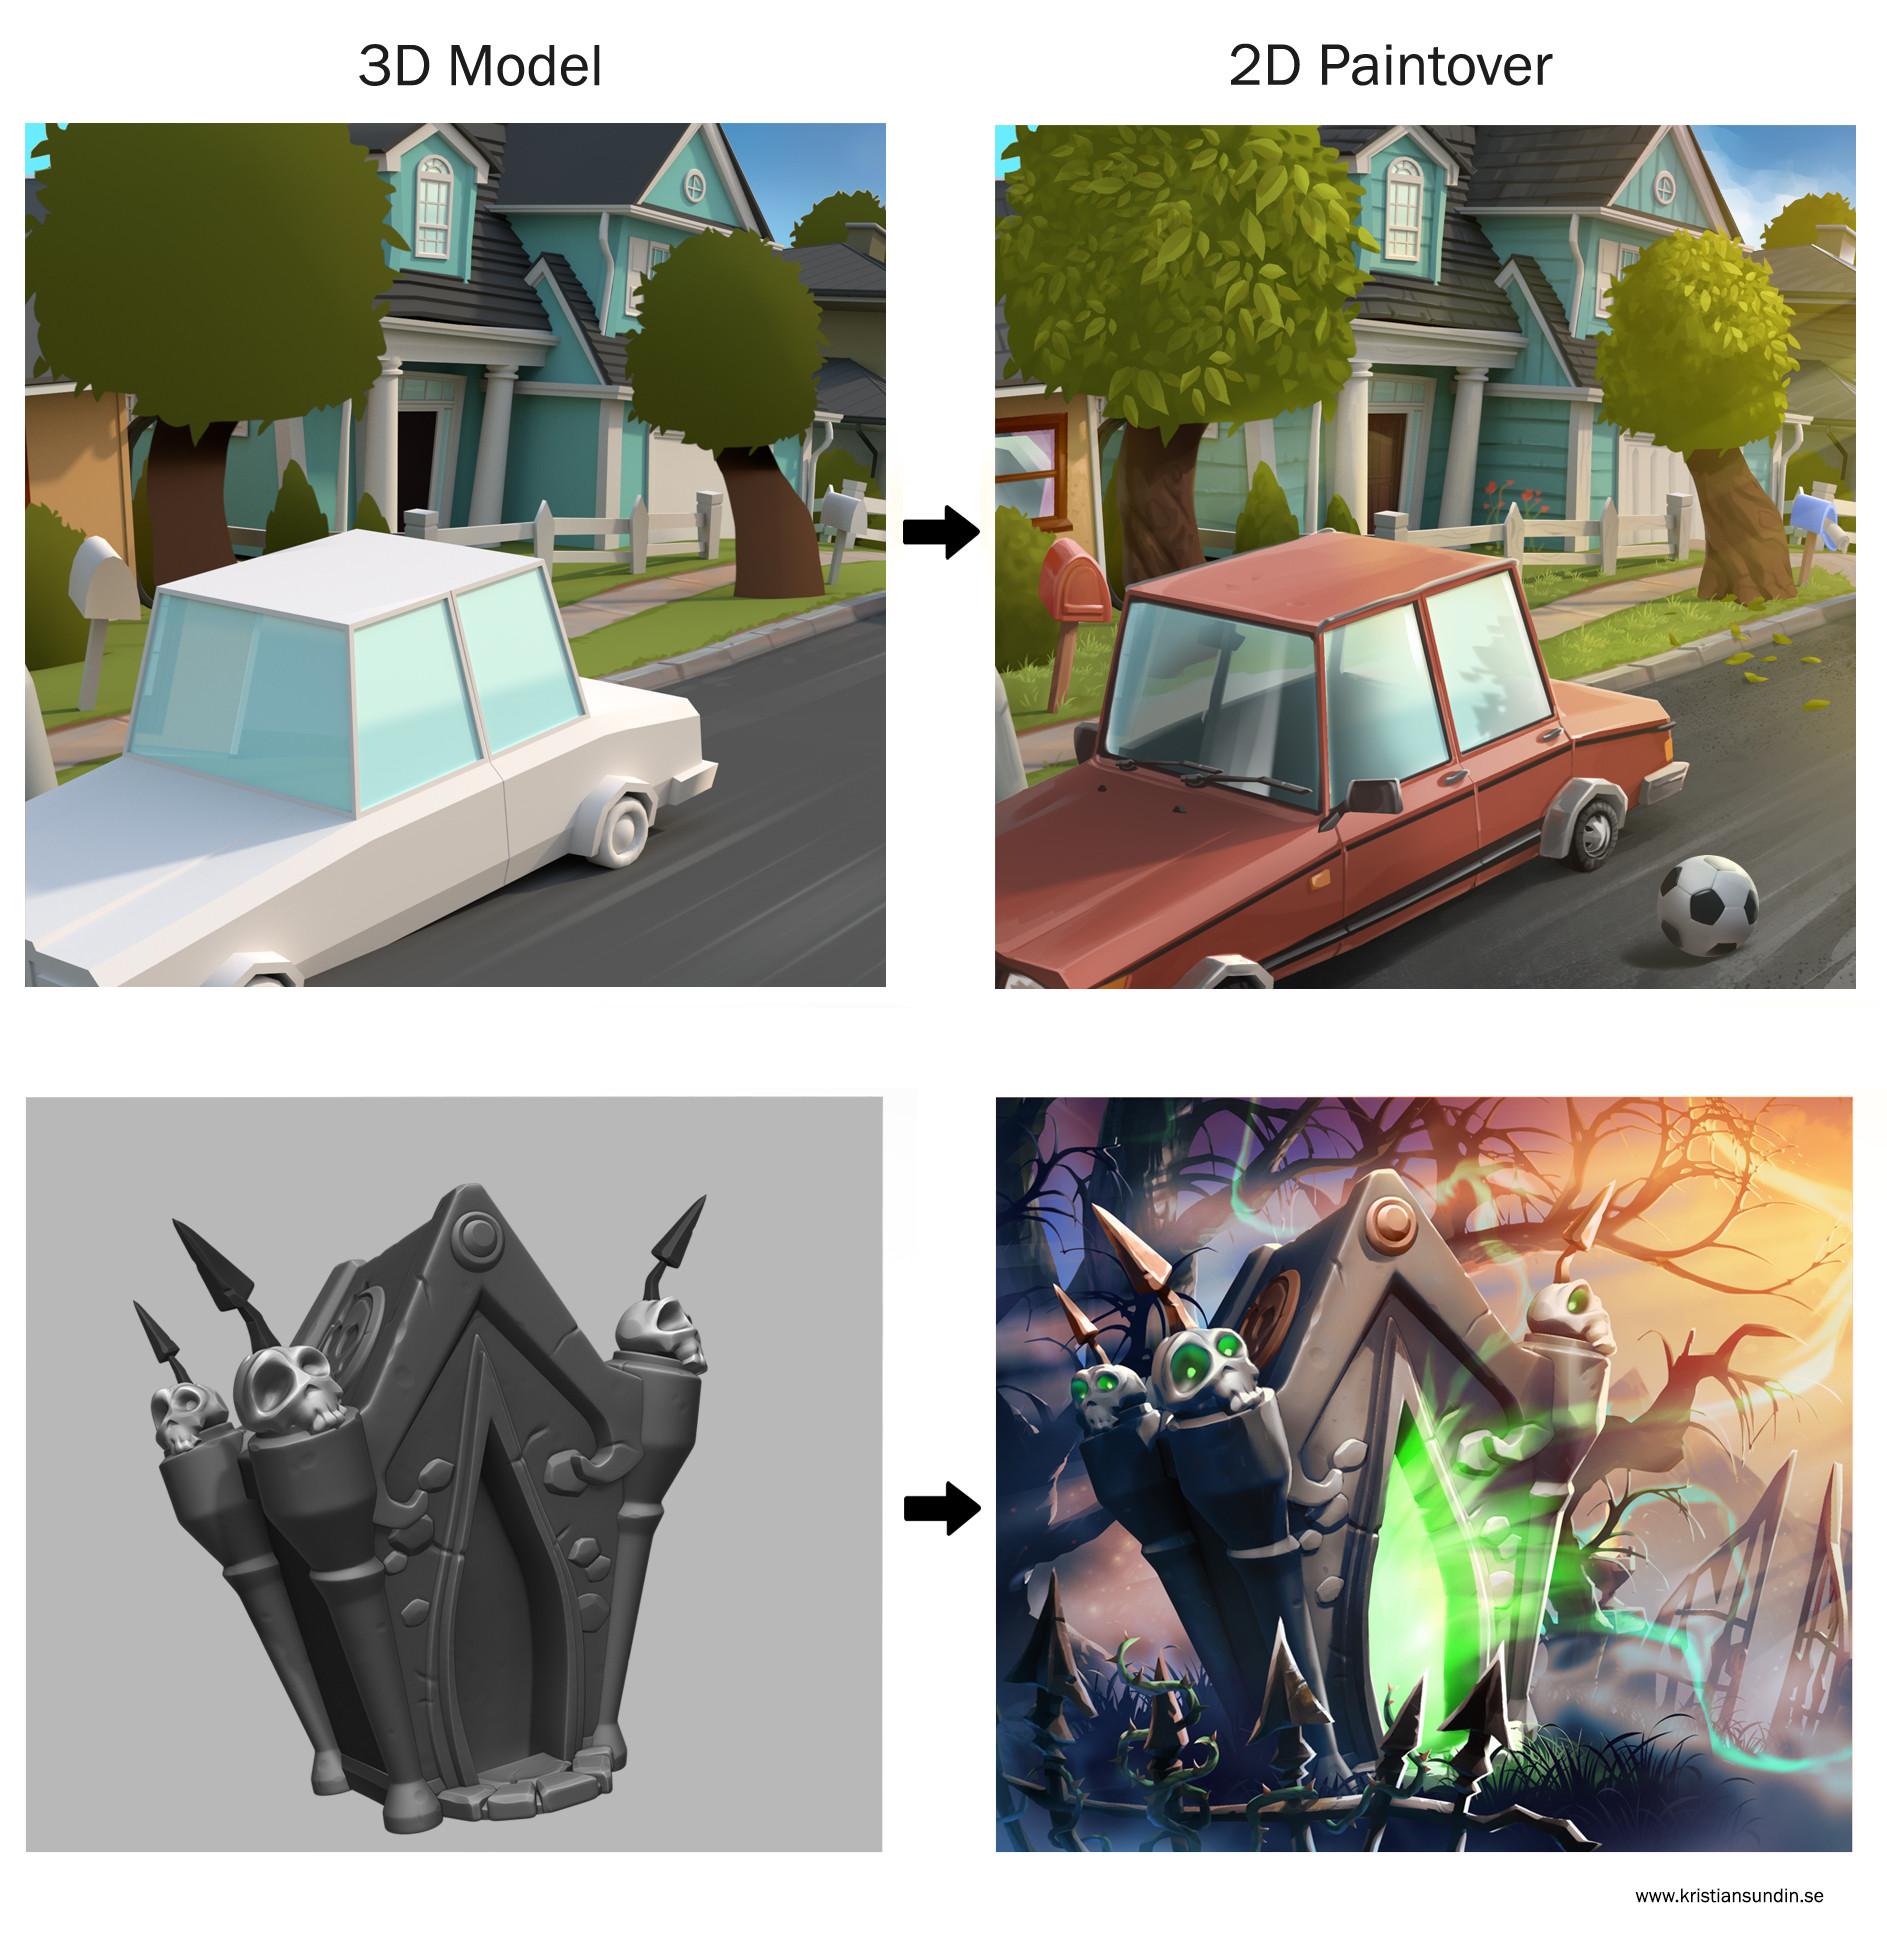 3D/2D examples